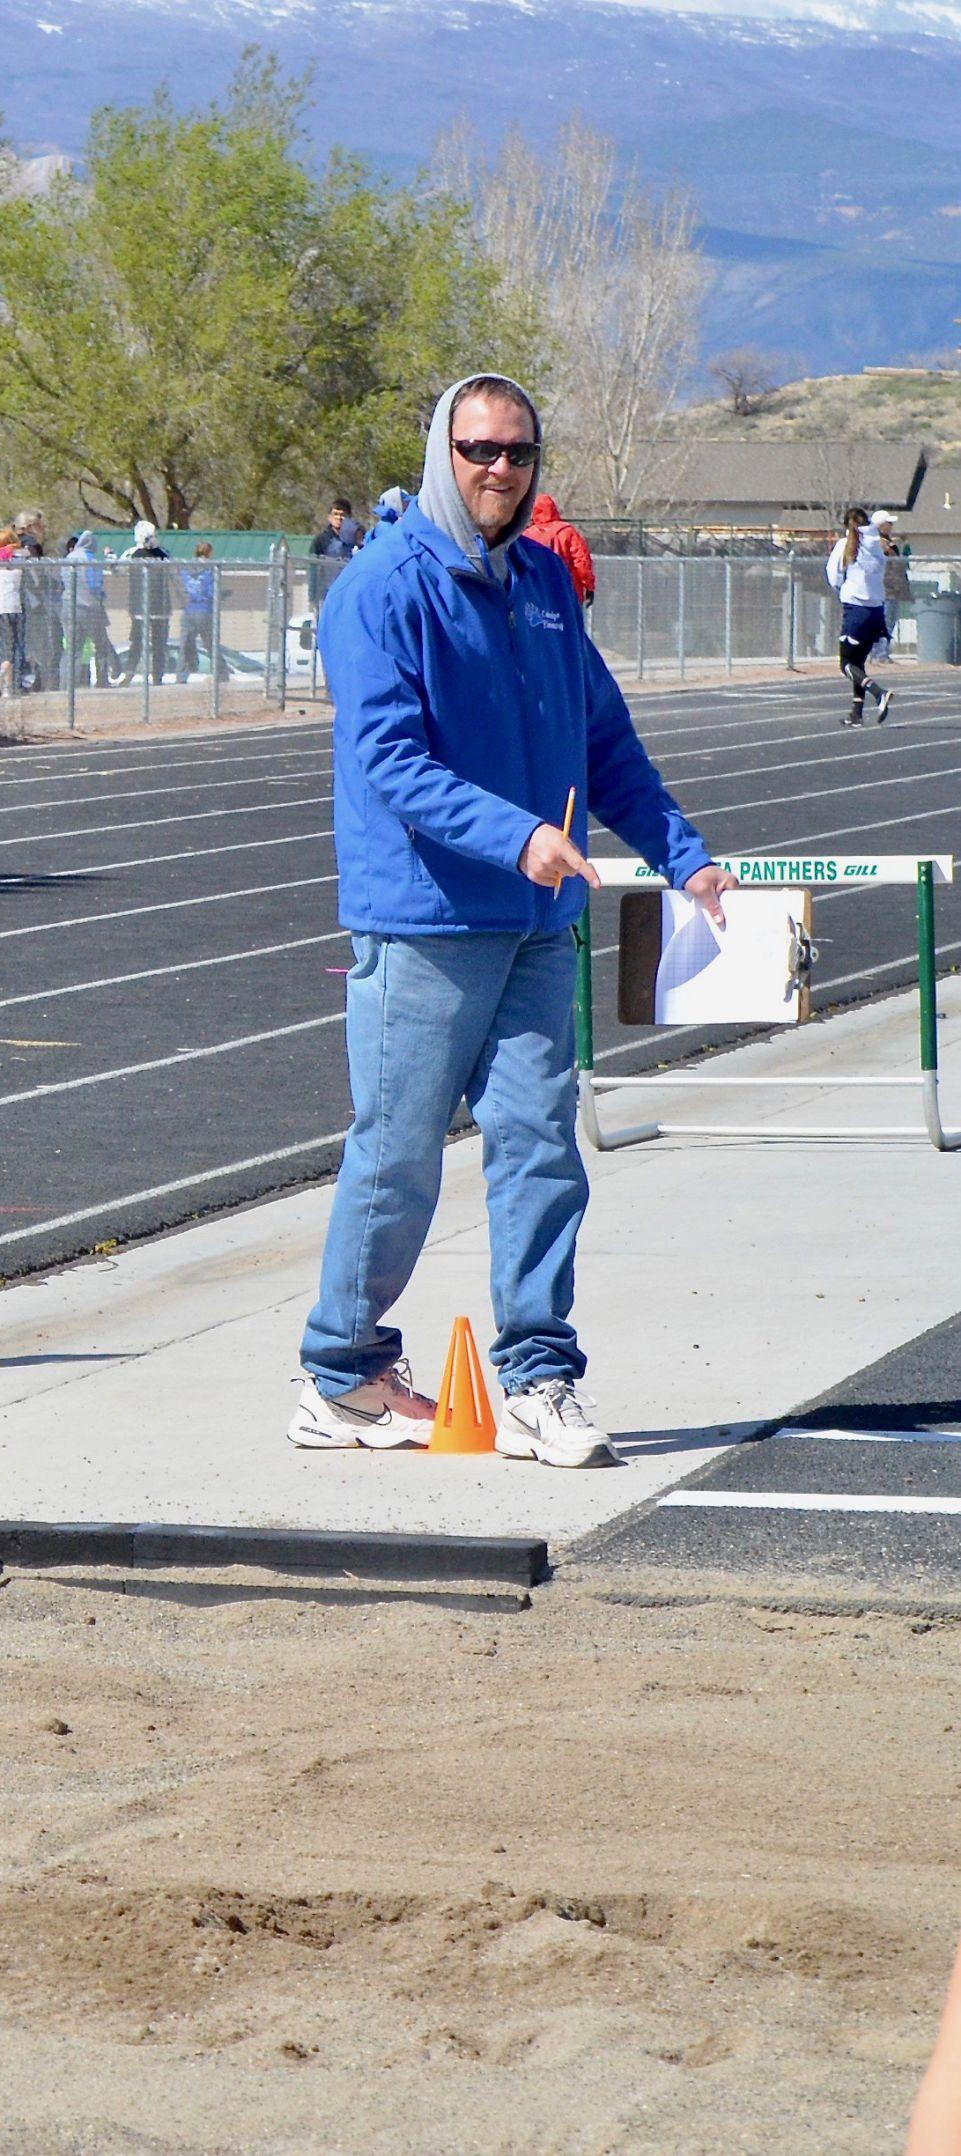 CTRK coach henderson